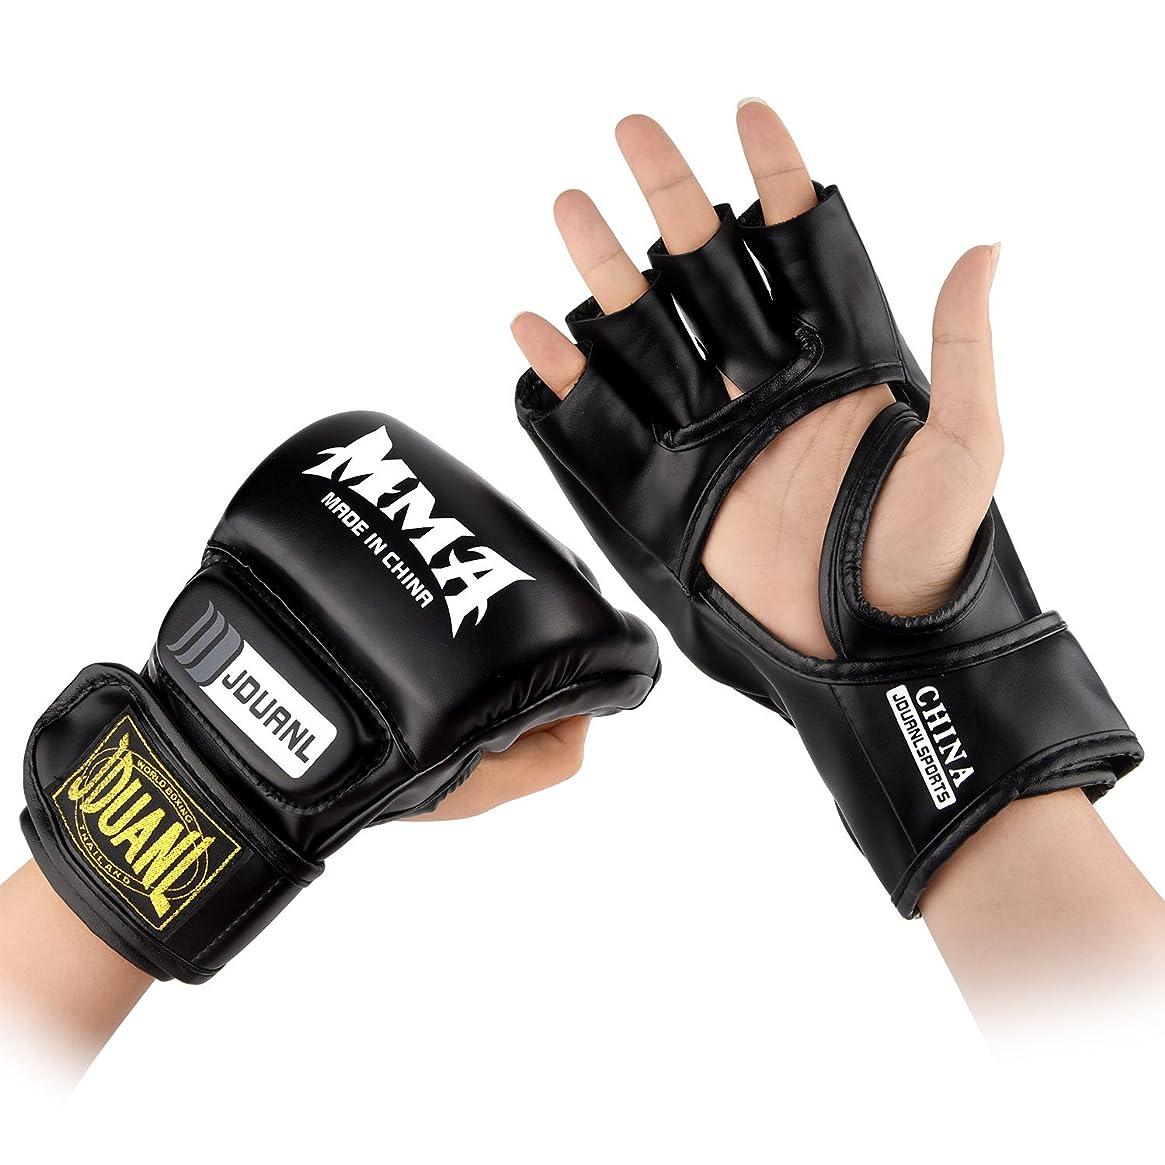 味方突然の大学KUUQA ハーフフィンガー ボクシンググローブ 格闘技 空手 テコンドー トレーニング エクササイズ用 通気性 大人 男女兼用 PUレザー 黒白2色選べる